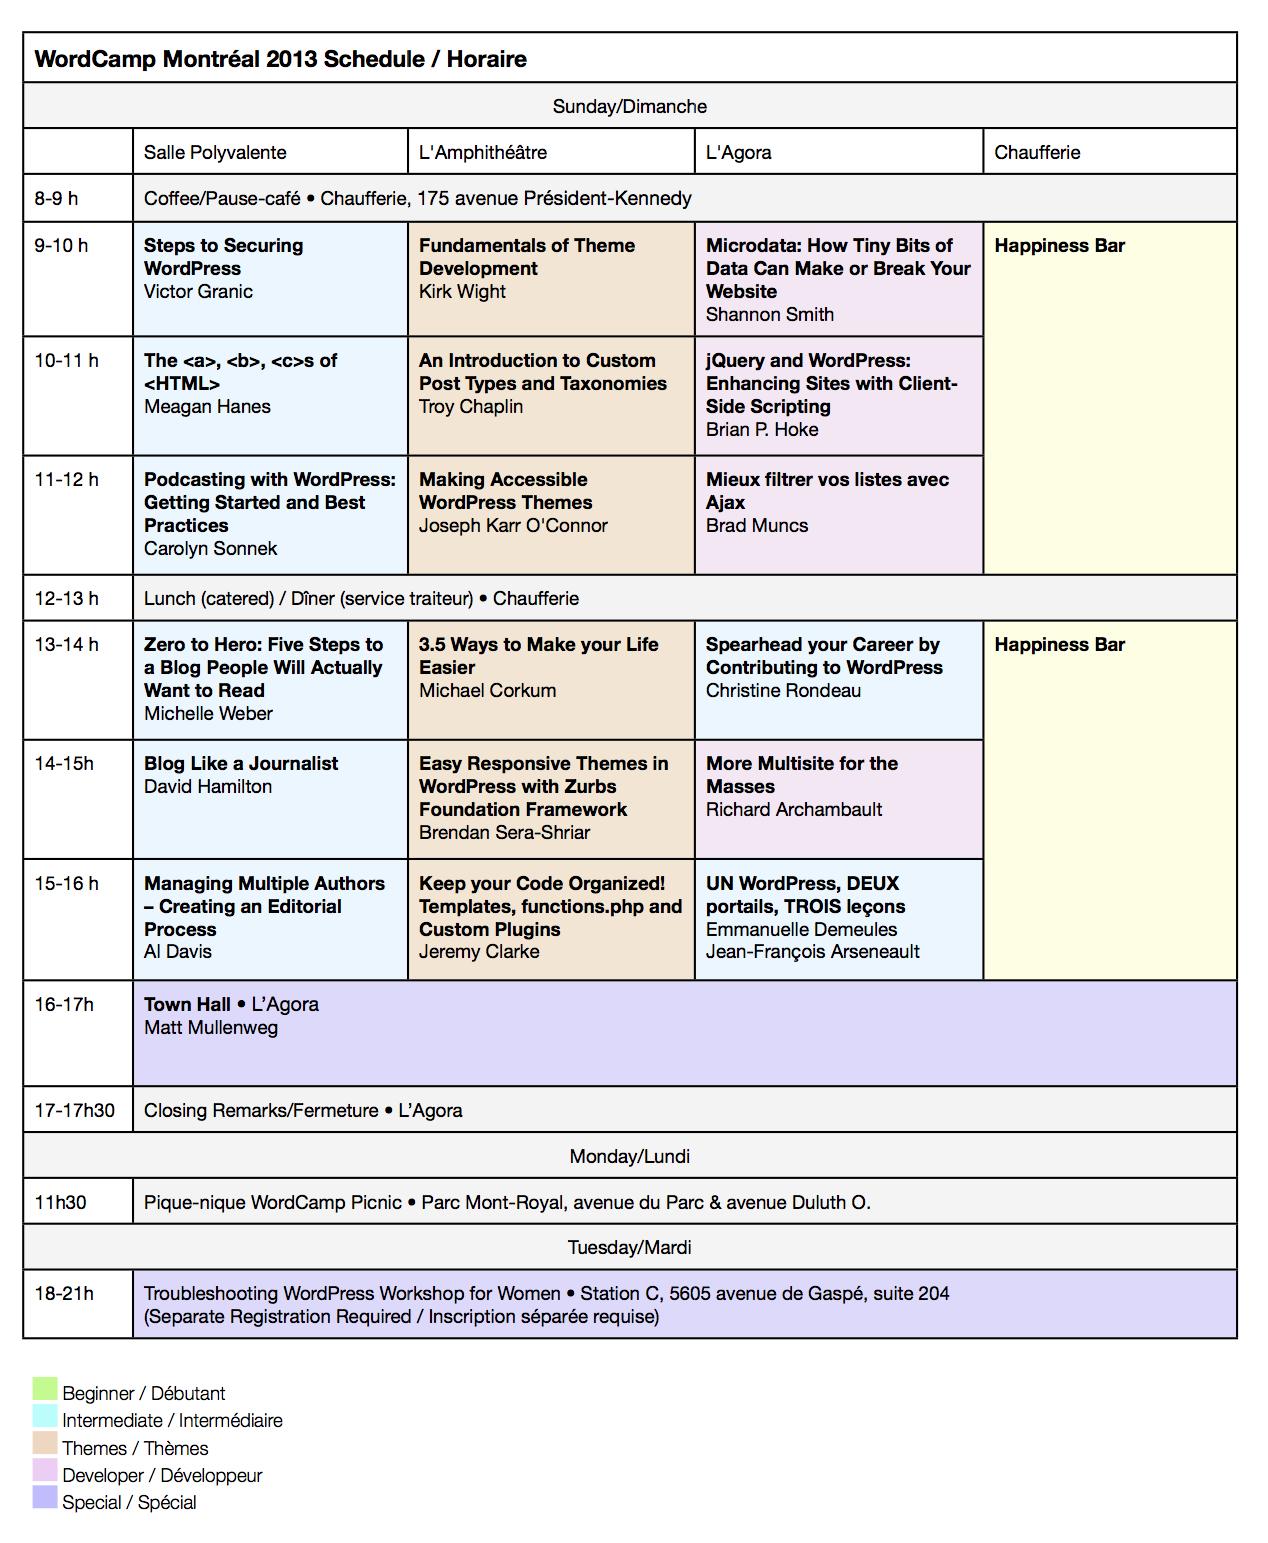 Programme de dimanche, lundi et mardi : WordCamp Montréal 2013. Mis à jour le 28 juin.